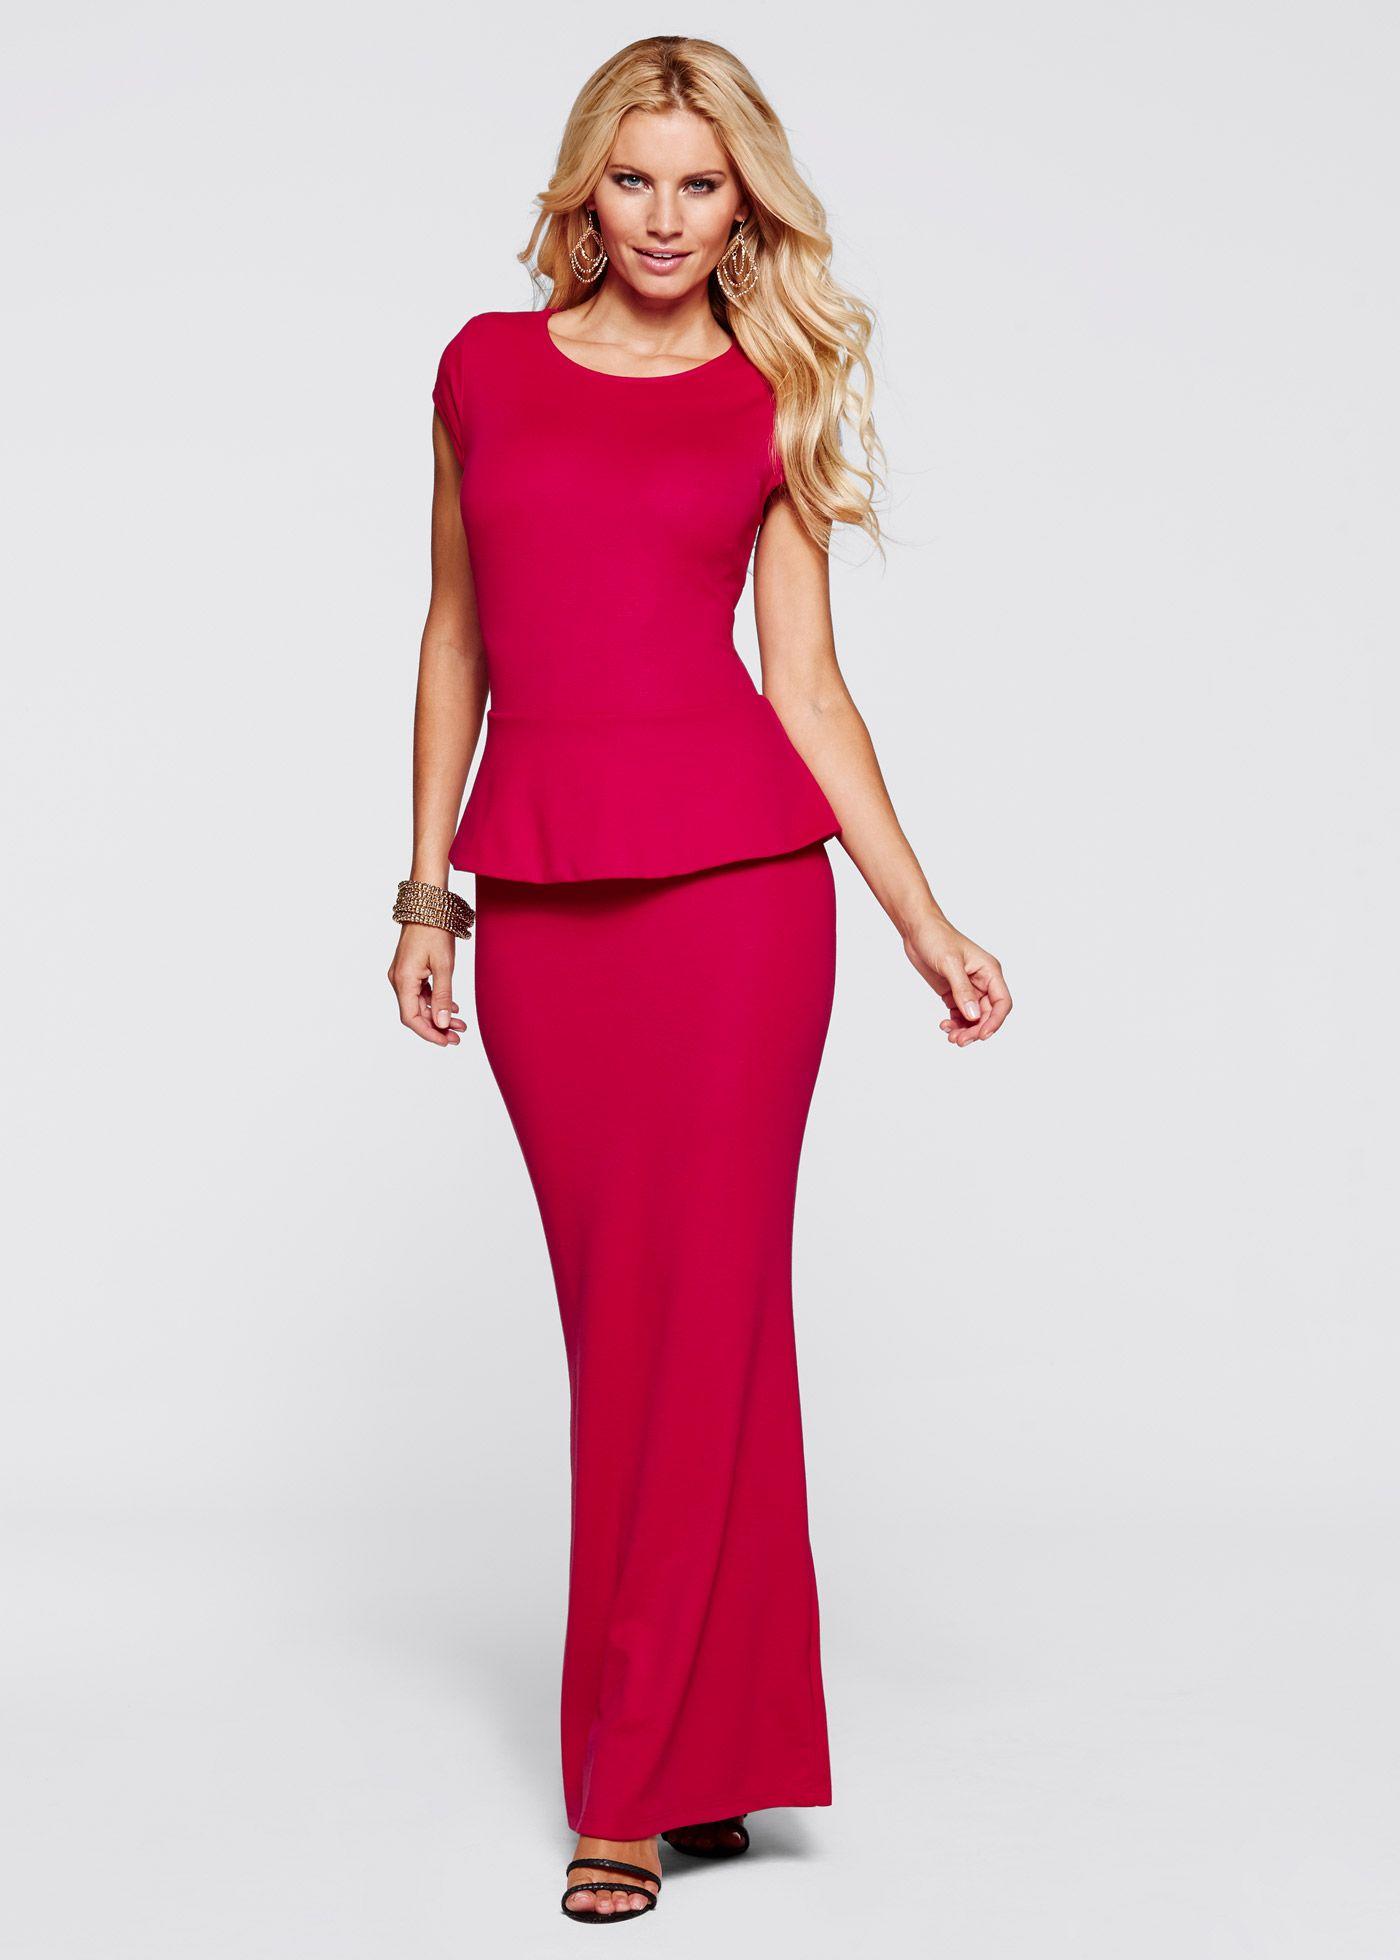 heißester Verkauf beliebt kaufen beste Qualität für Kleid magenta - BODYFLIRT boutique jetzt im Online Shop von ...